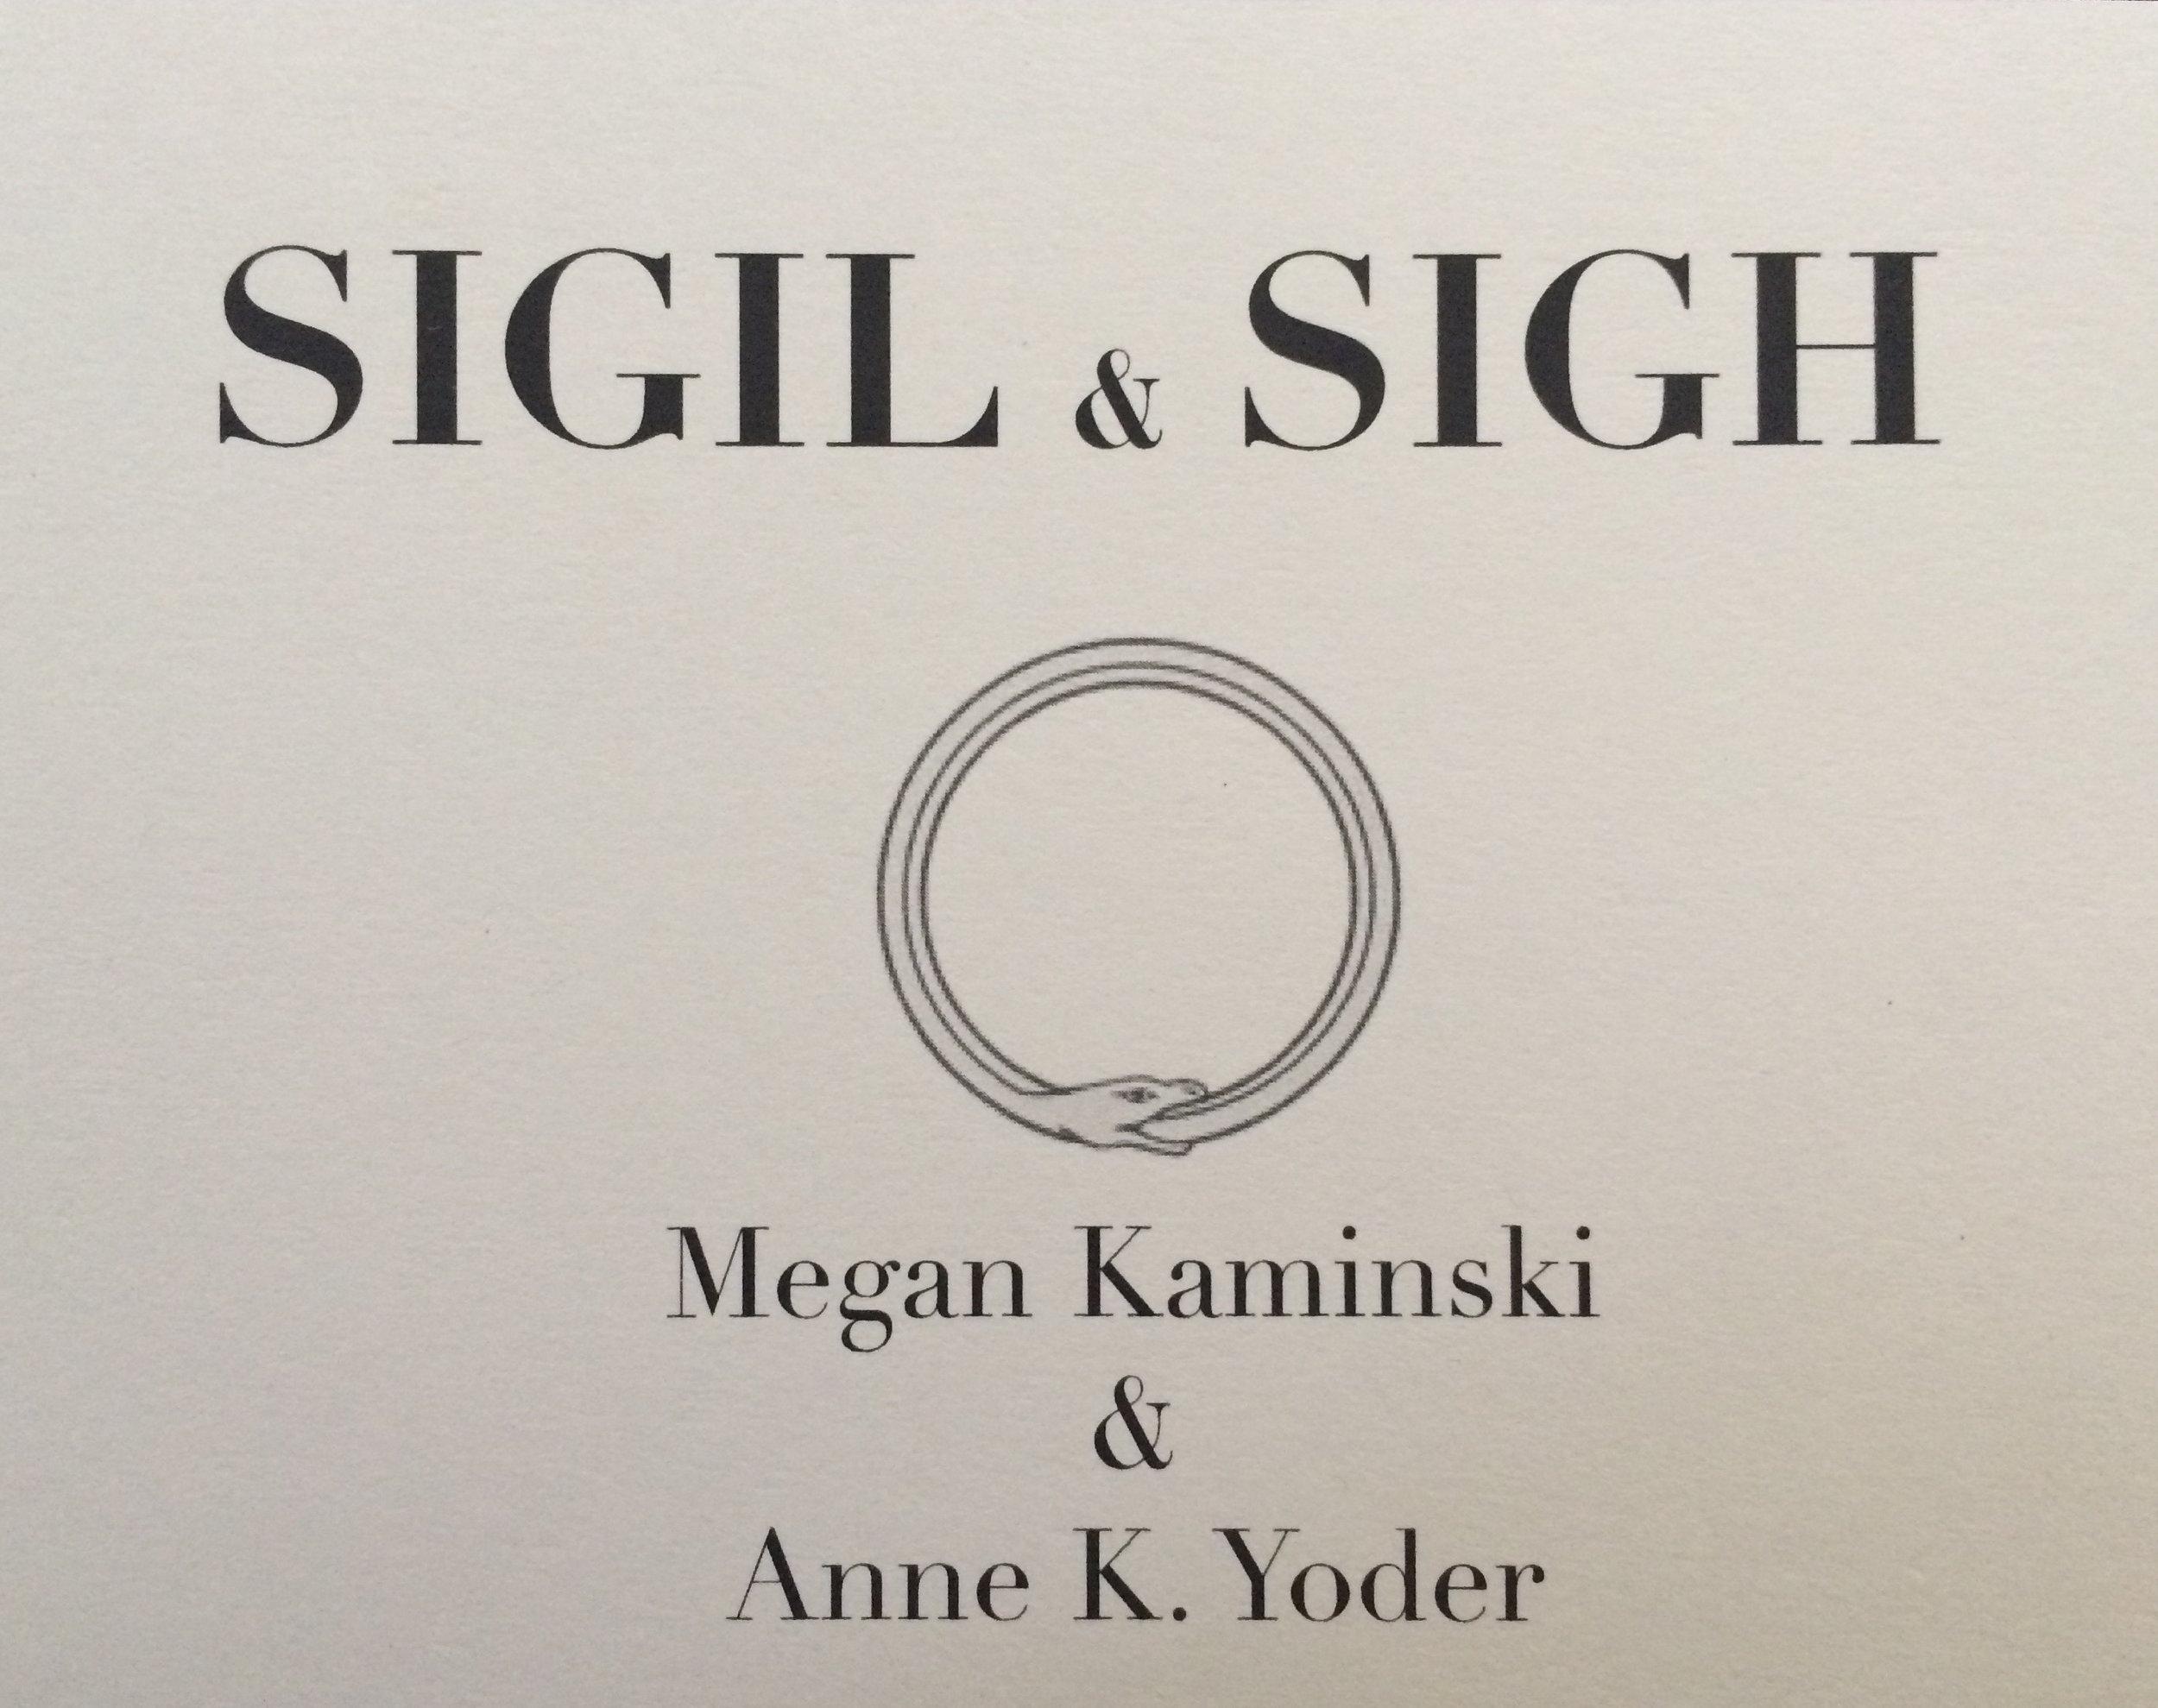 Sigil & Sigh